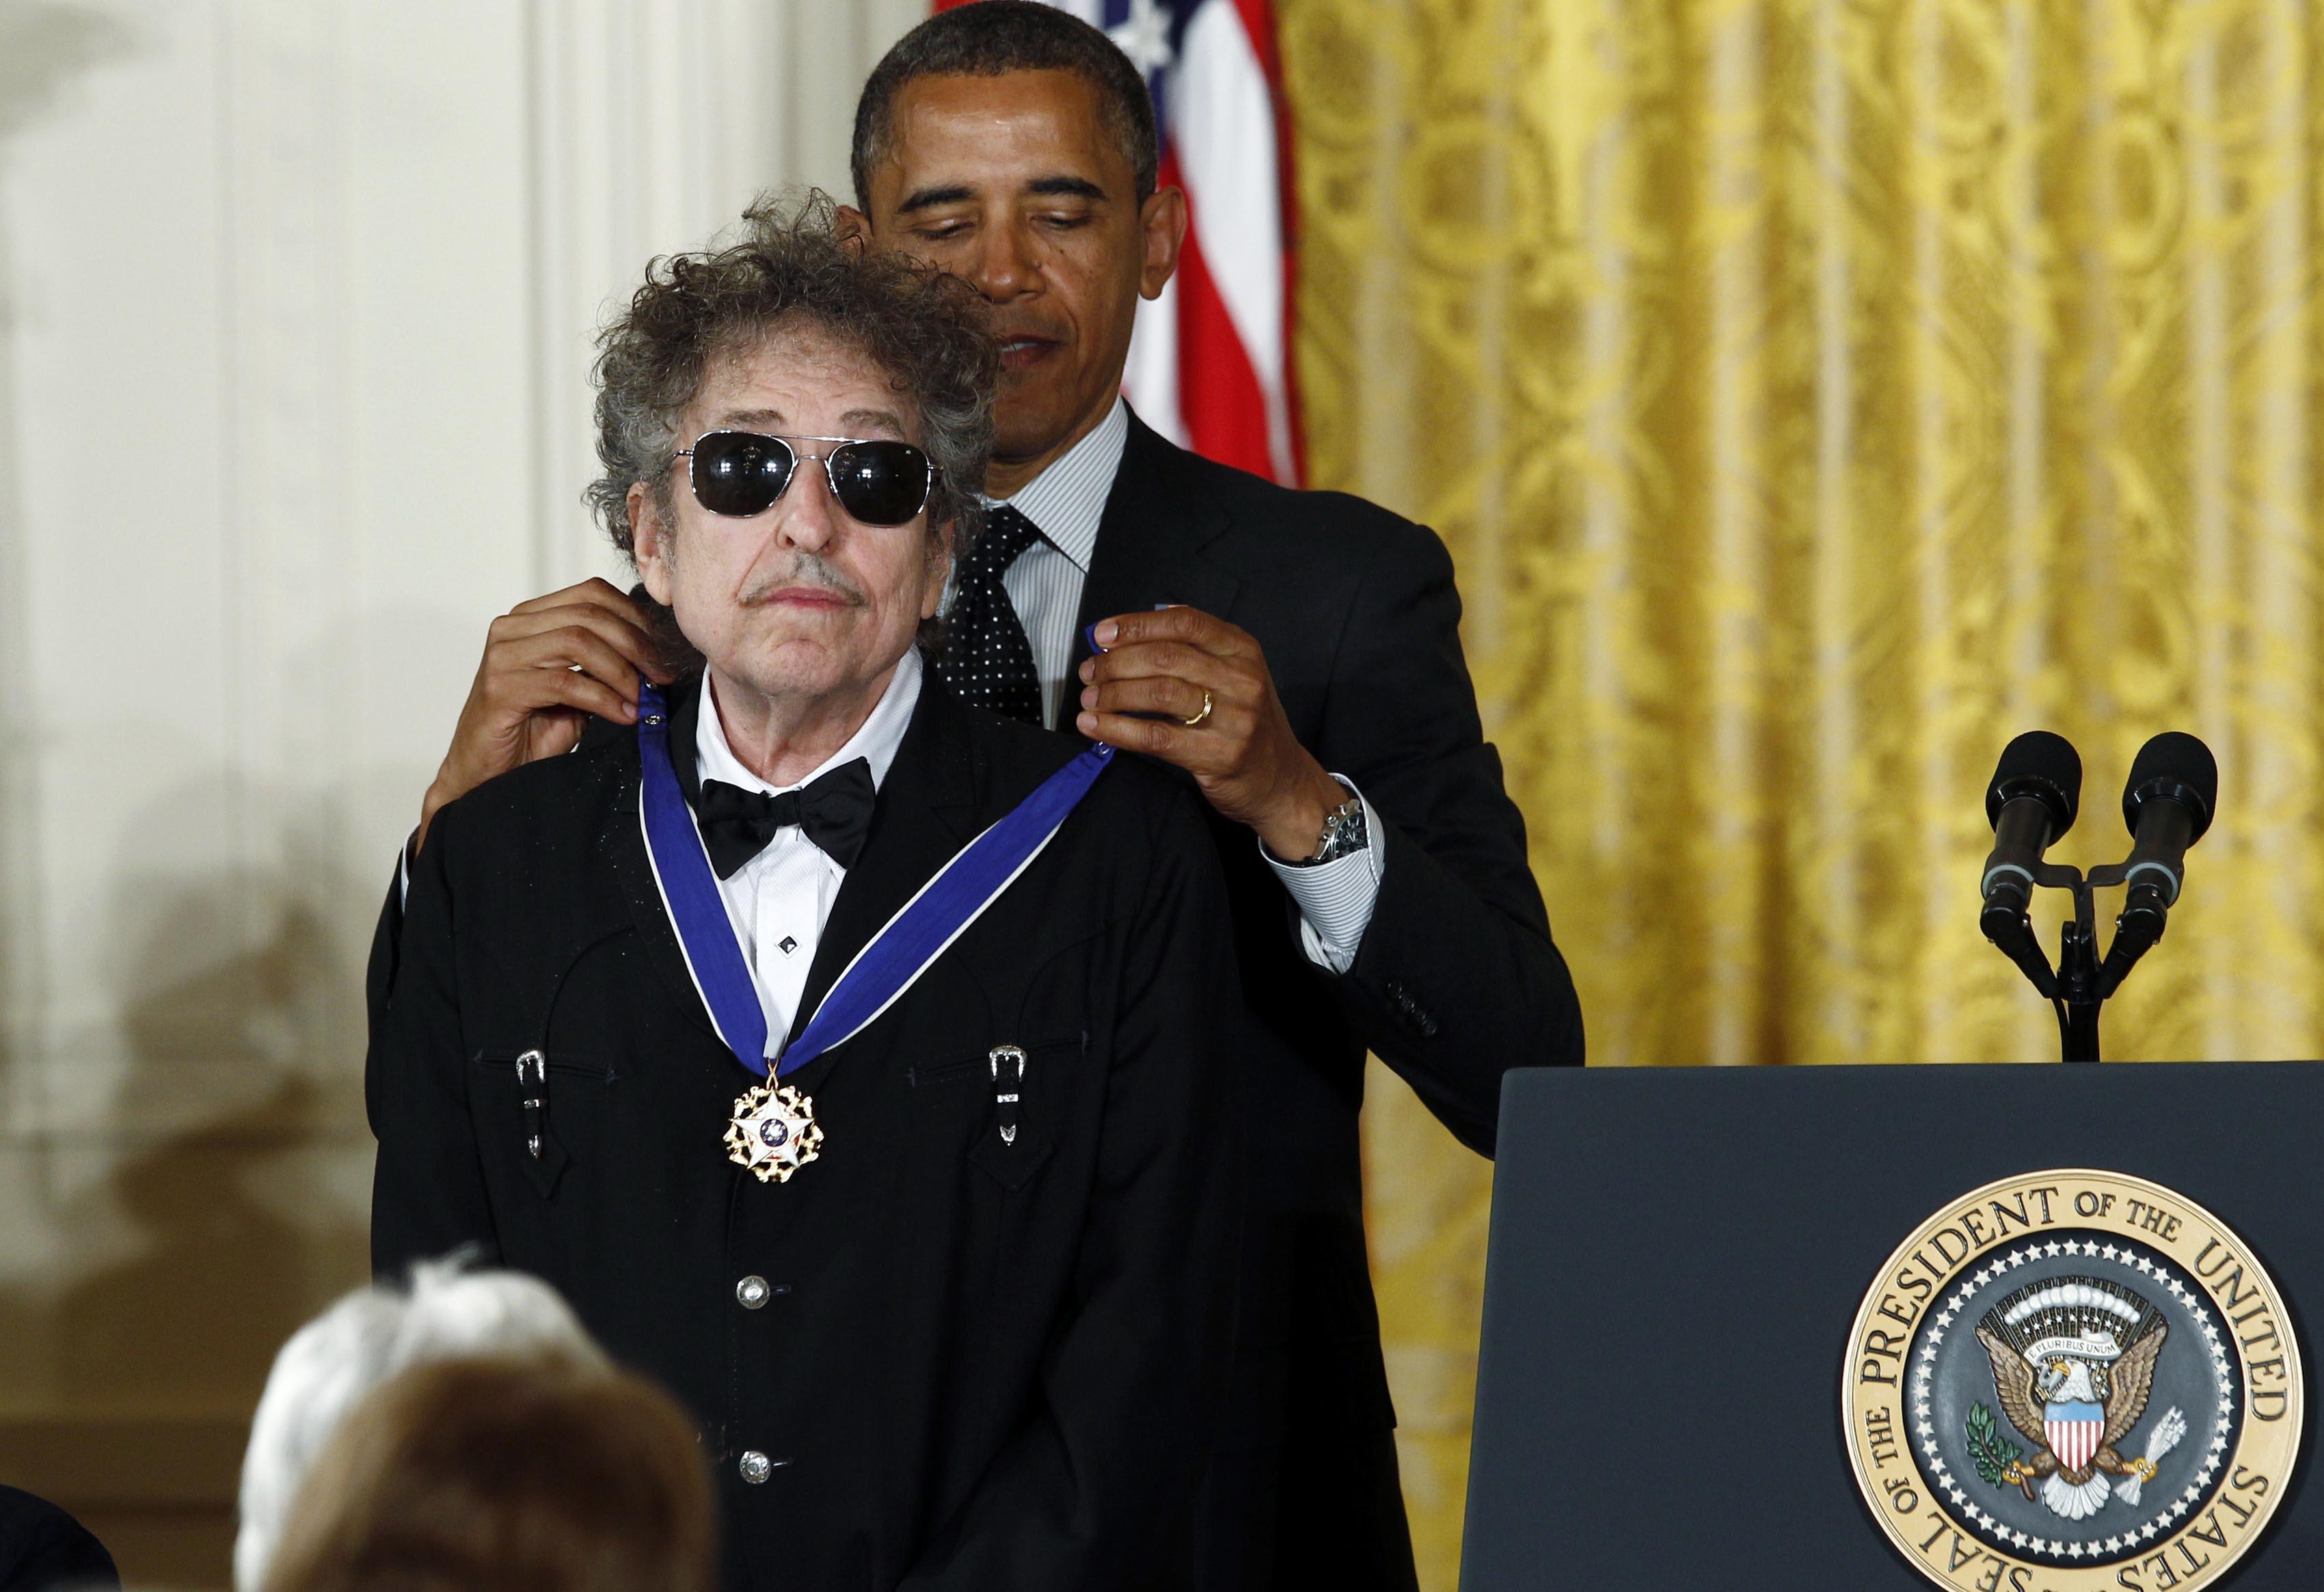 Presidente Barack Obama , outorga uma medalha do cantor Bob Dylan. Estão no Salão Nobre da Casa Branca, os dois estão em pé, Presidente logo atrás do cantor e fecha o colar da medalha. Bob Dylan usa óculos escuros e bigode, está de roupa escura, camisa branca e gravata borboleta preta. Presidente Obama, usa terno , camisa branca e gravata escura com detalhes pontuais de cor clara.